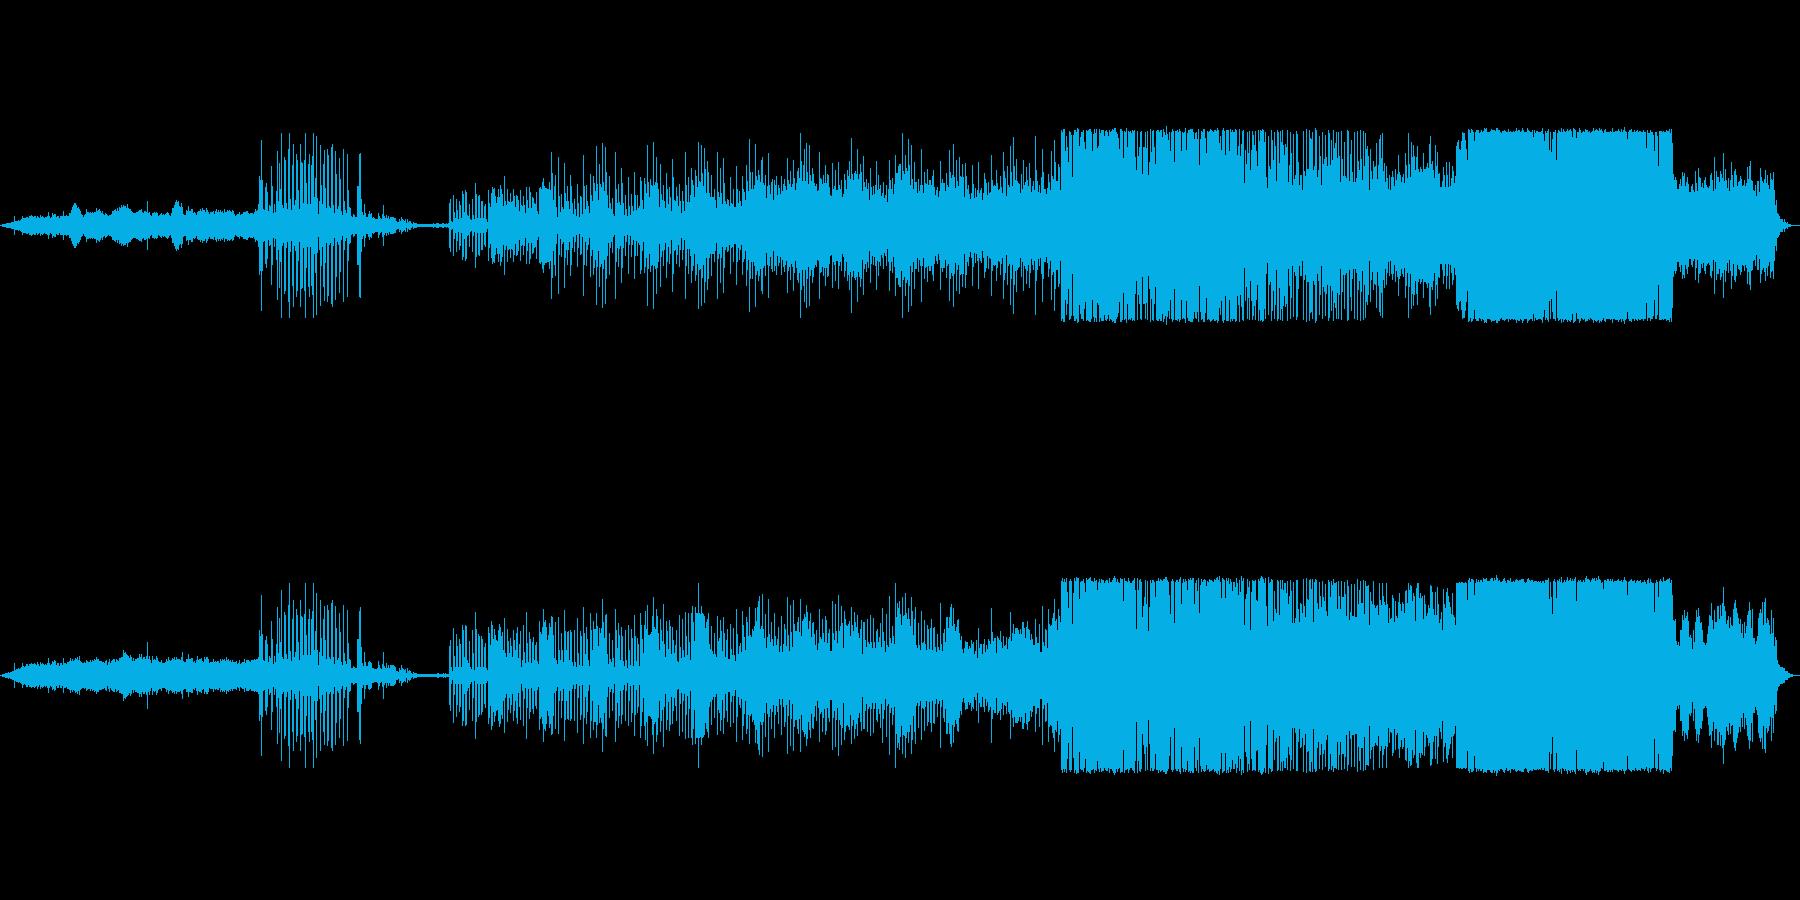 幻想的で水のような美しい電子音楽の再生済みの波形